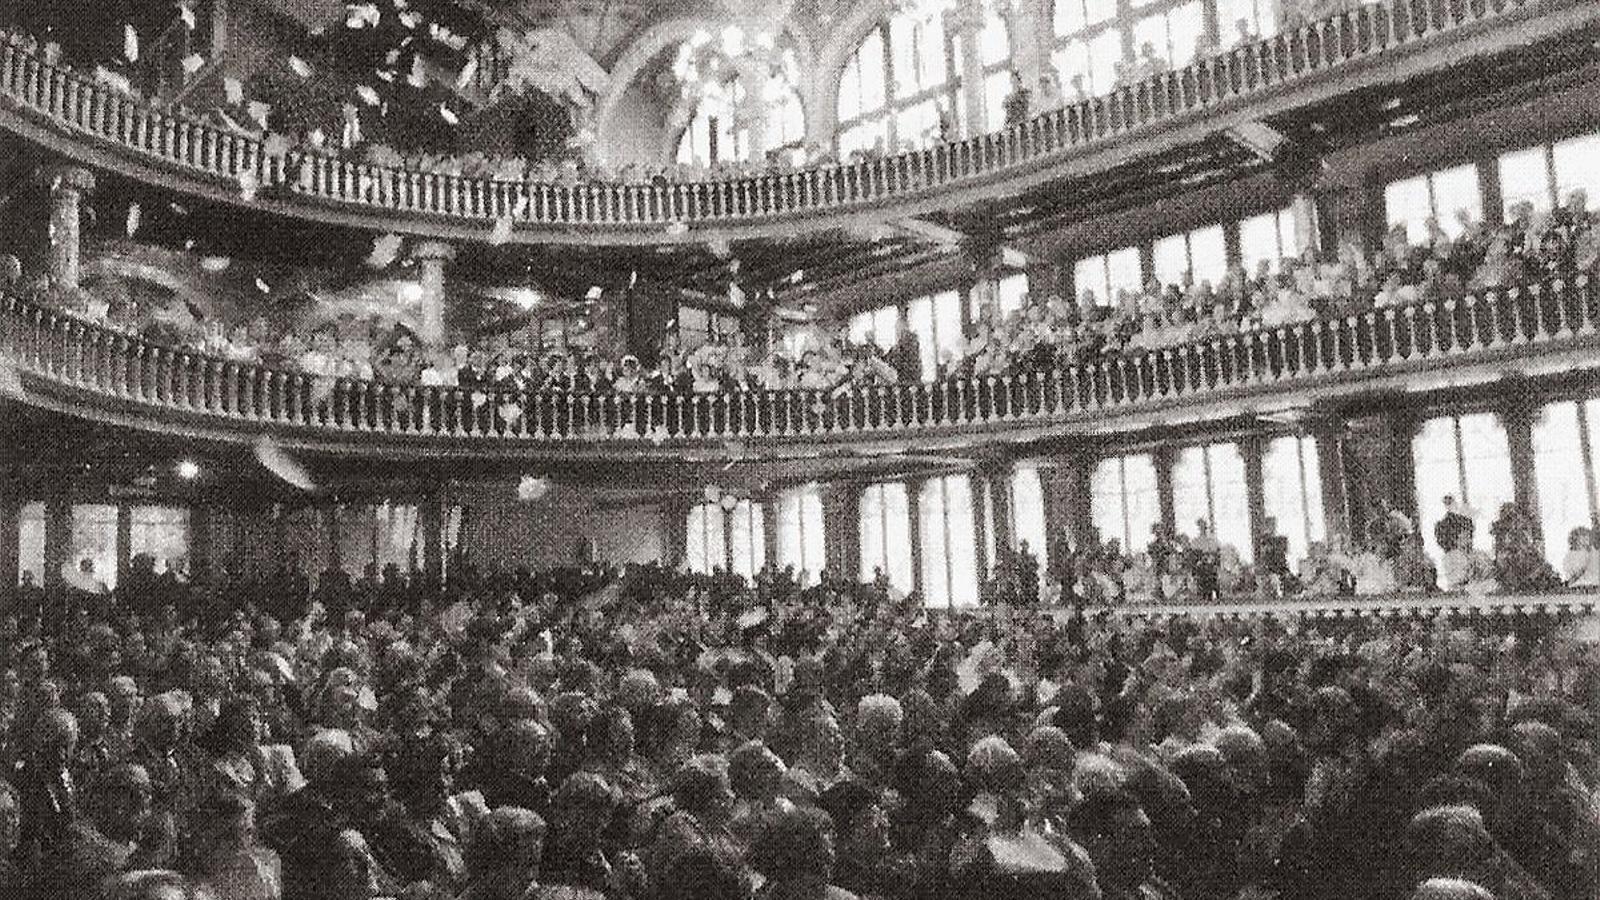 La noche en que se prohibió el 'Cant de la Senyera' en el Palau